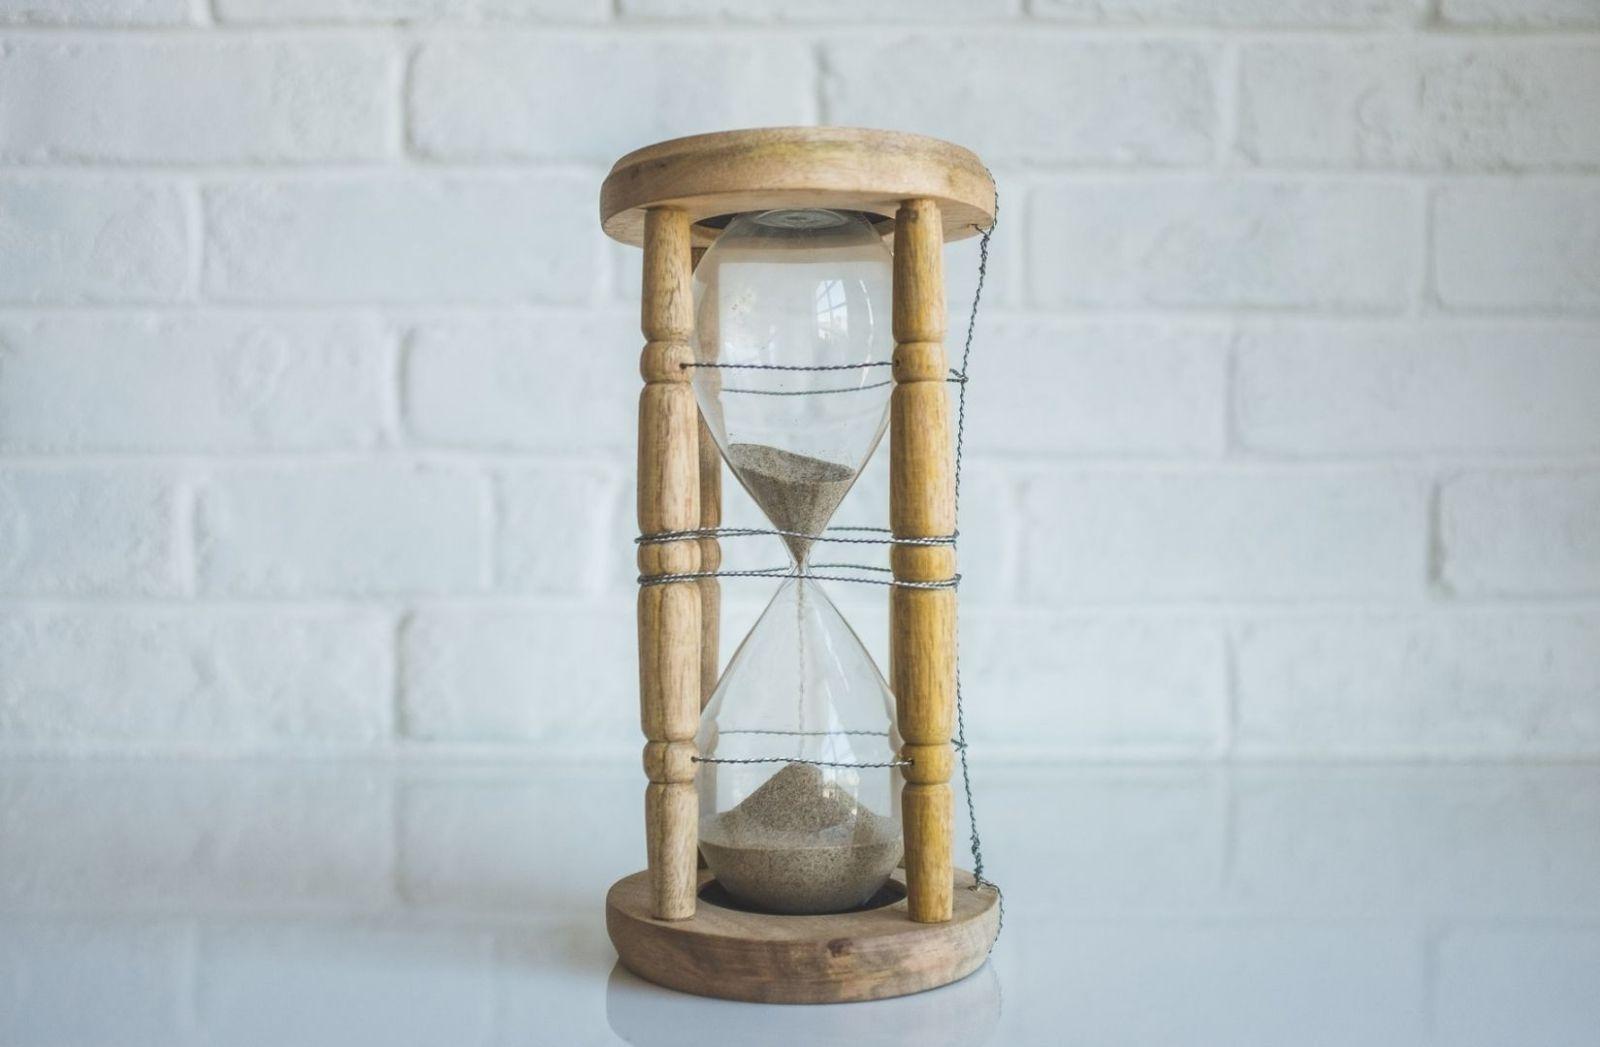 Die Krankheit unserer Zeit, ist das Verhältnis zur Zeit. (Foto: Neonbrand, Unsplash.com)